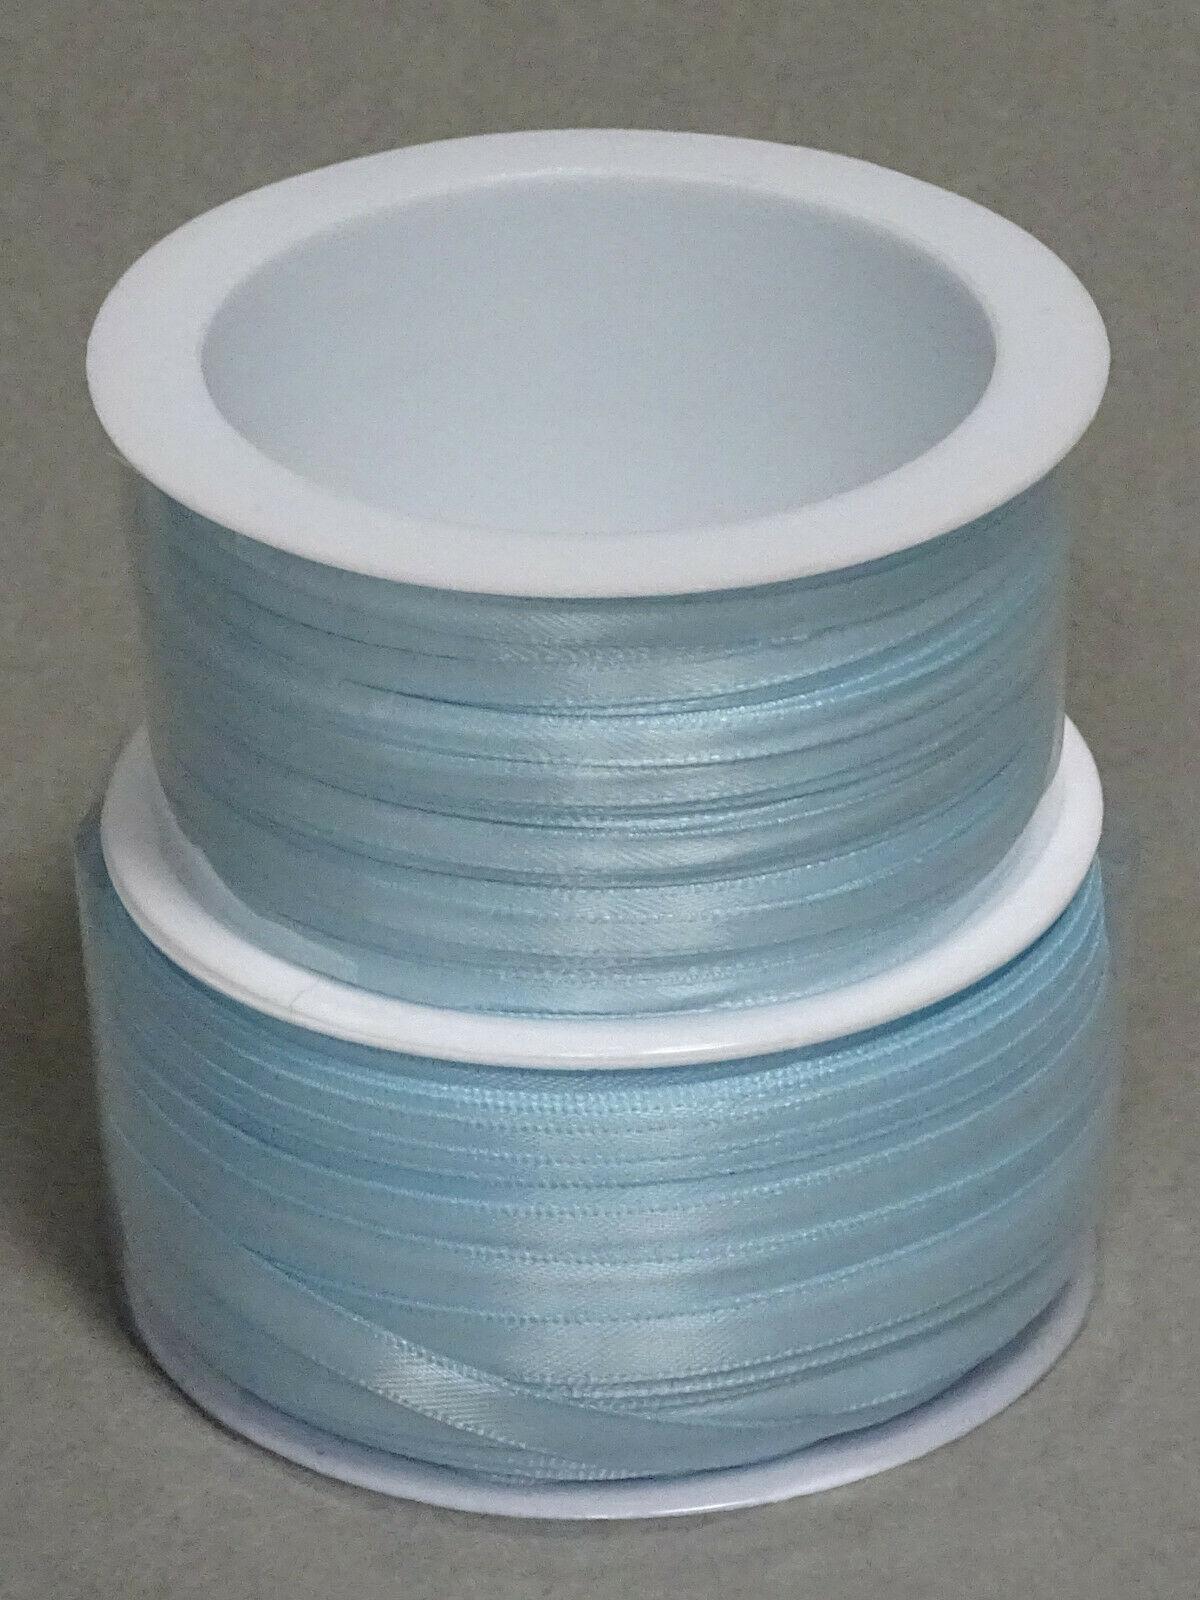 Satinband Schleifenband 50m x 3mm / 6mm Dekoband ab 0,05 €/m Geschenkband Rolle - Baby-Hellblau 152, 3 mm x 50 m